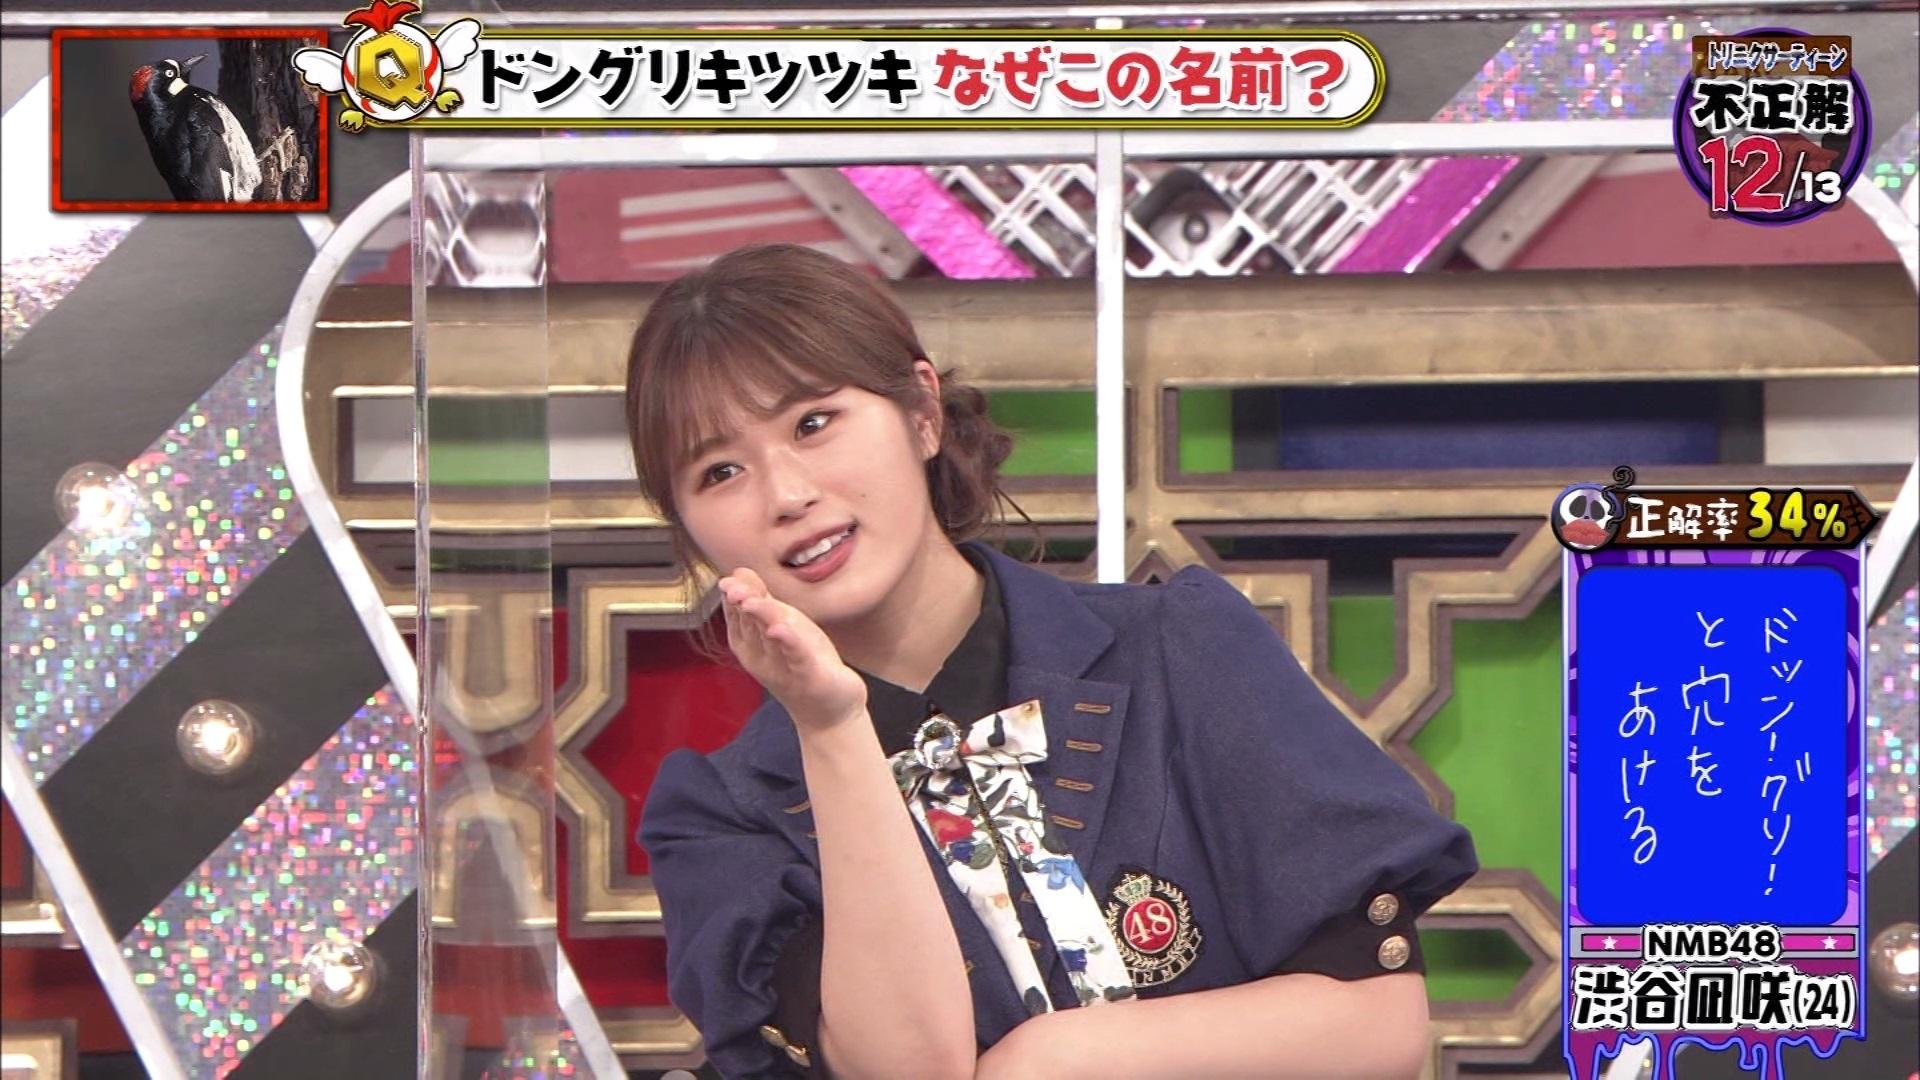 【渋谷凪咲】なぎさ出演 9月1日放送「トリニクって何の肉!?」♯42の実況と画像